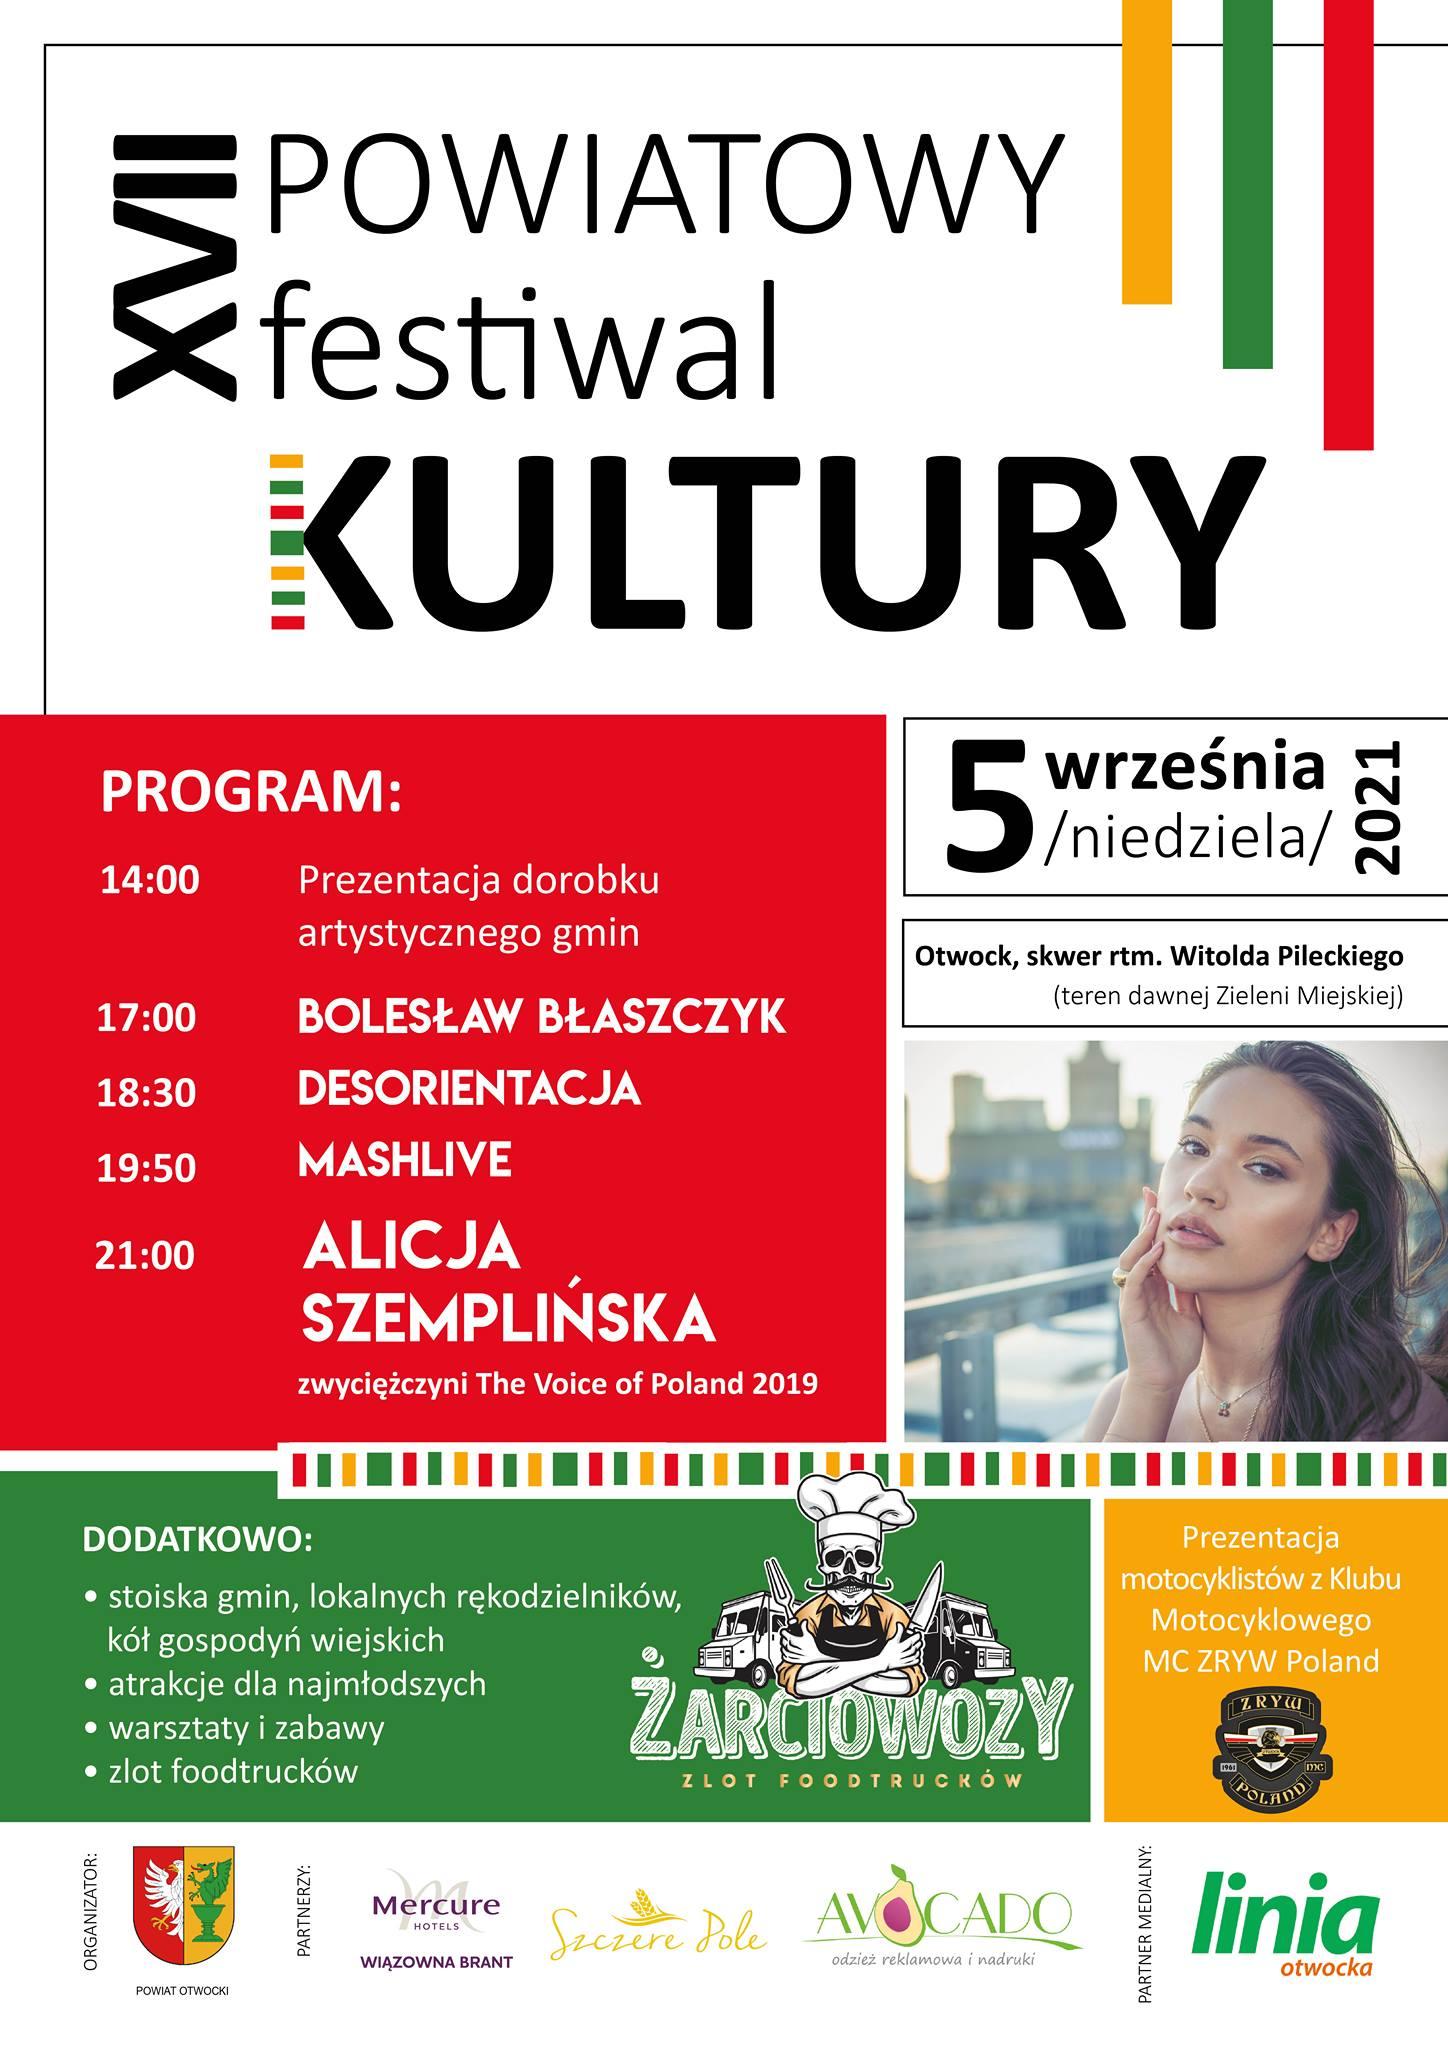 Już 5 września w Otwocku odbędzie się XVII Powiatowy Festiwal Kultury w Otwocku.